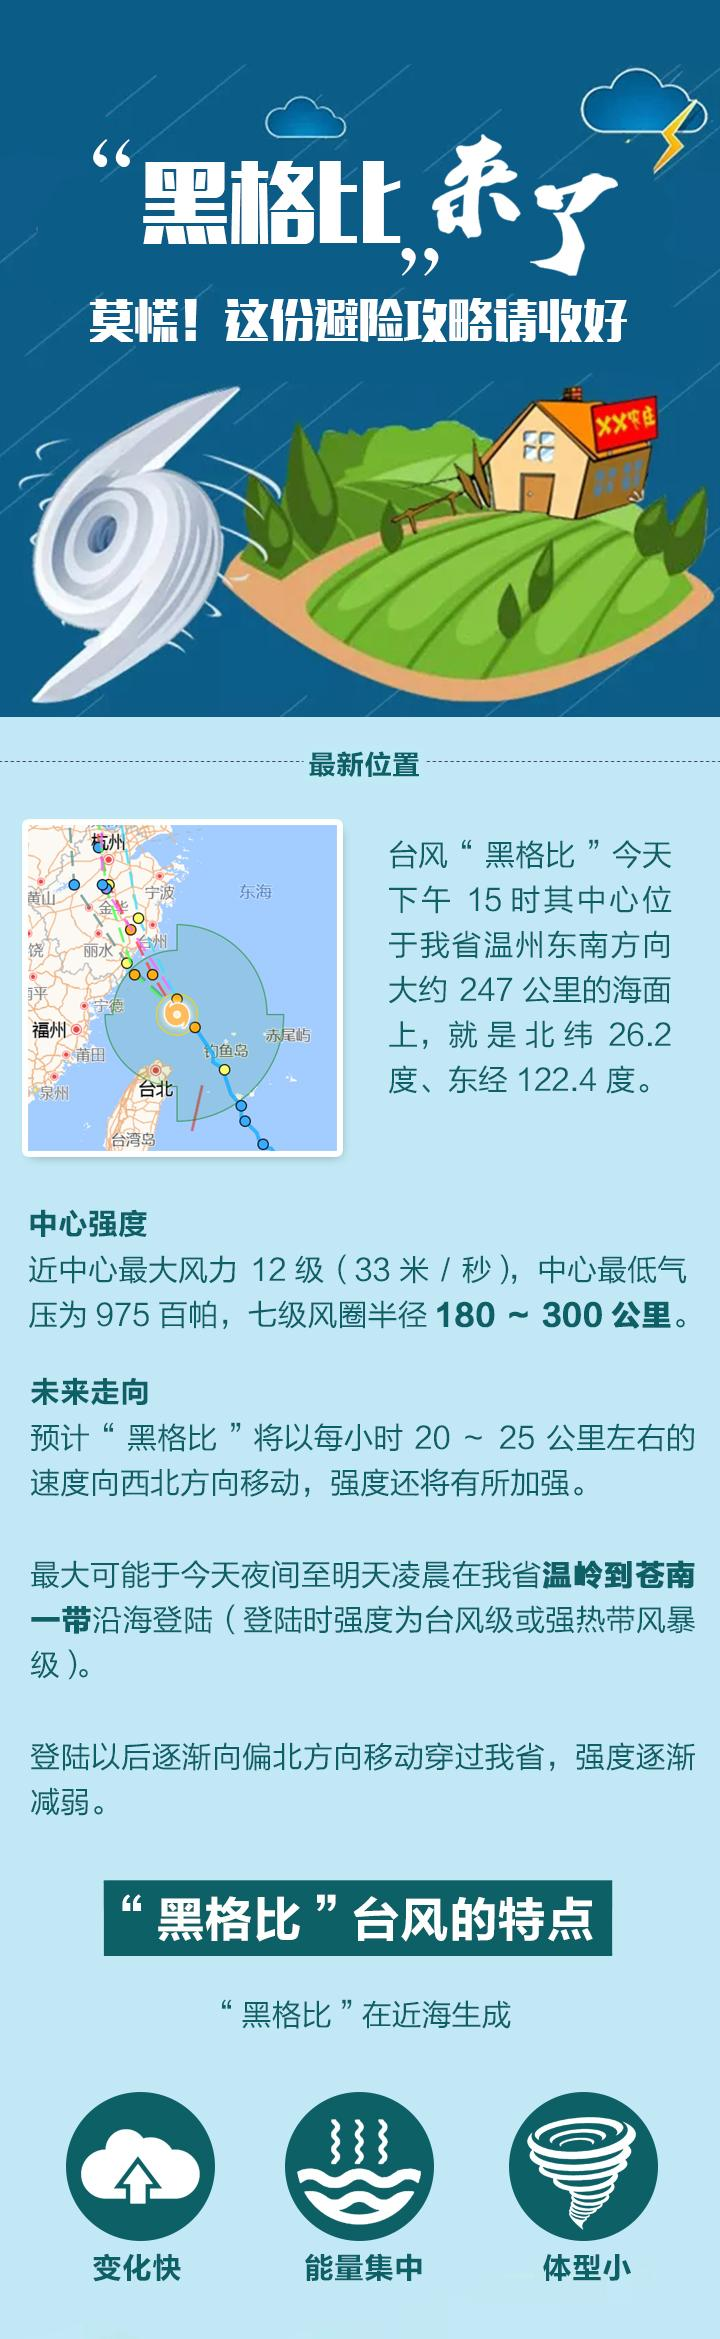 台风_01.jpg